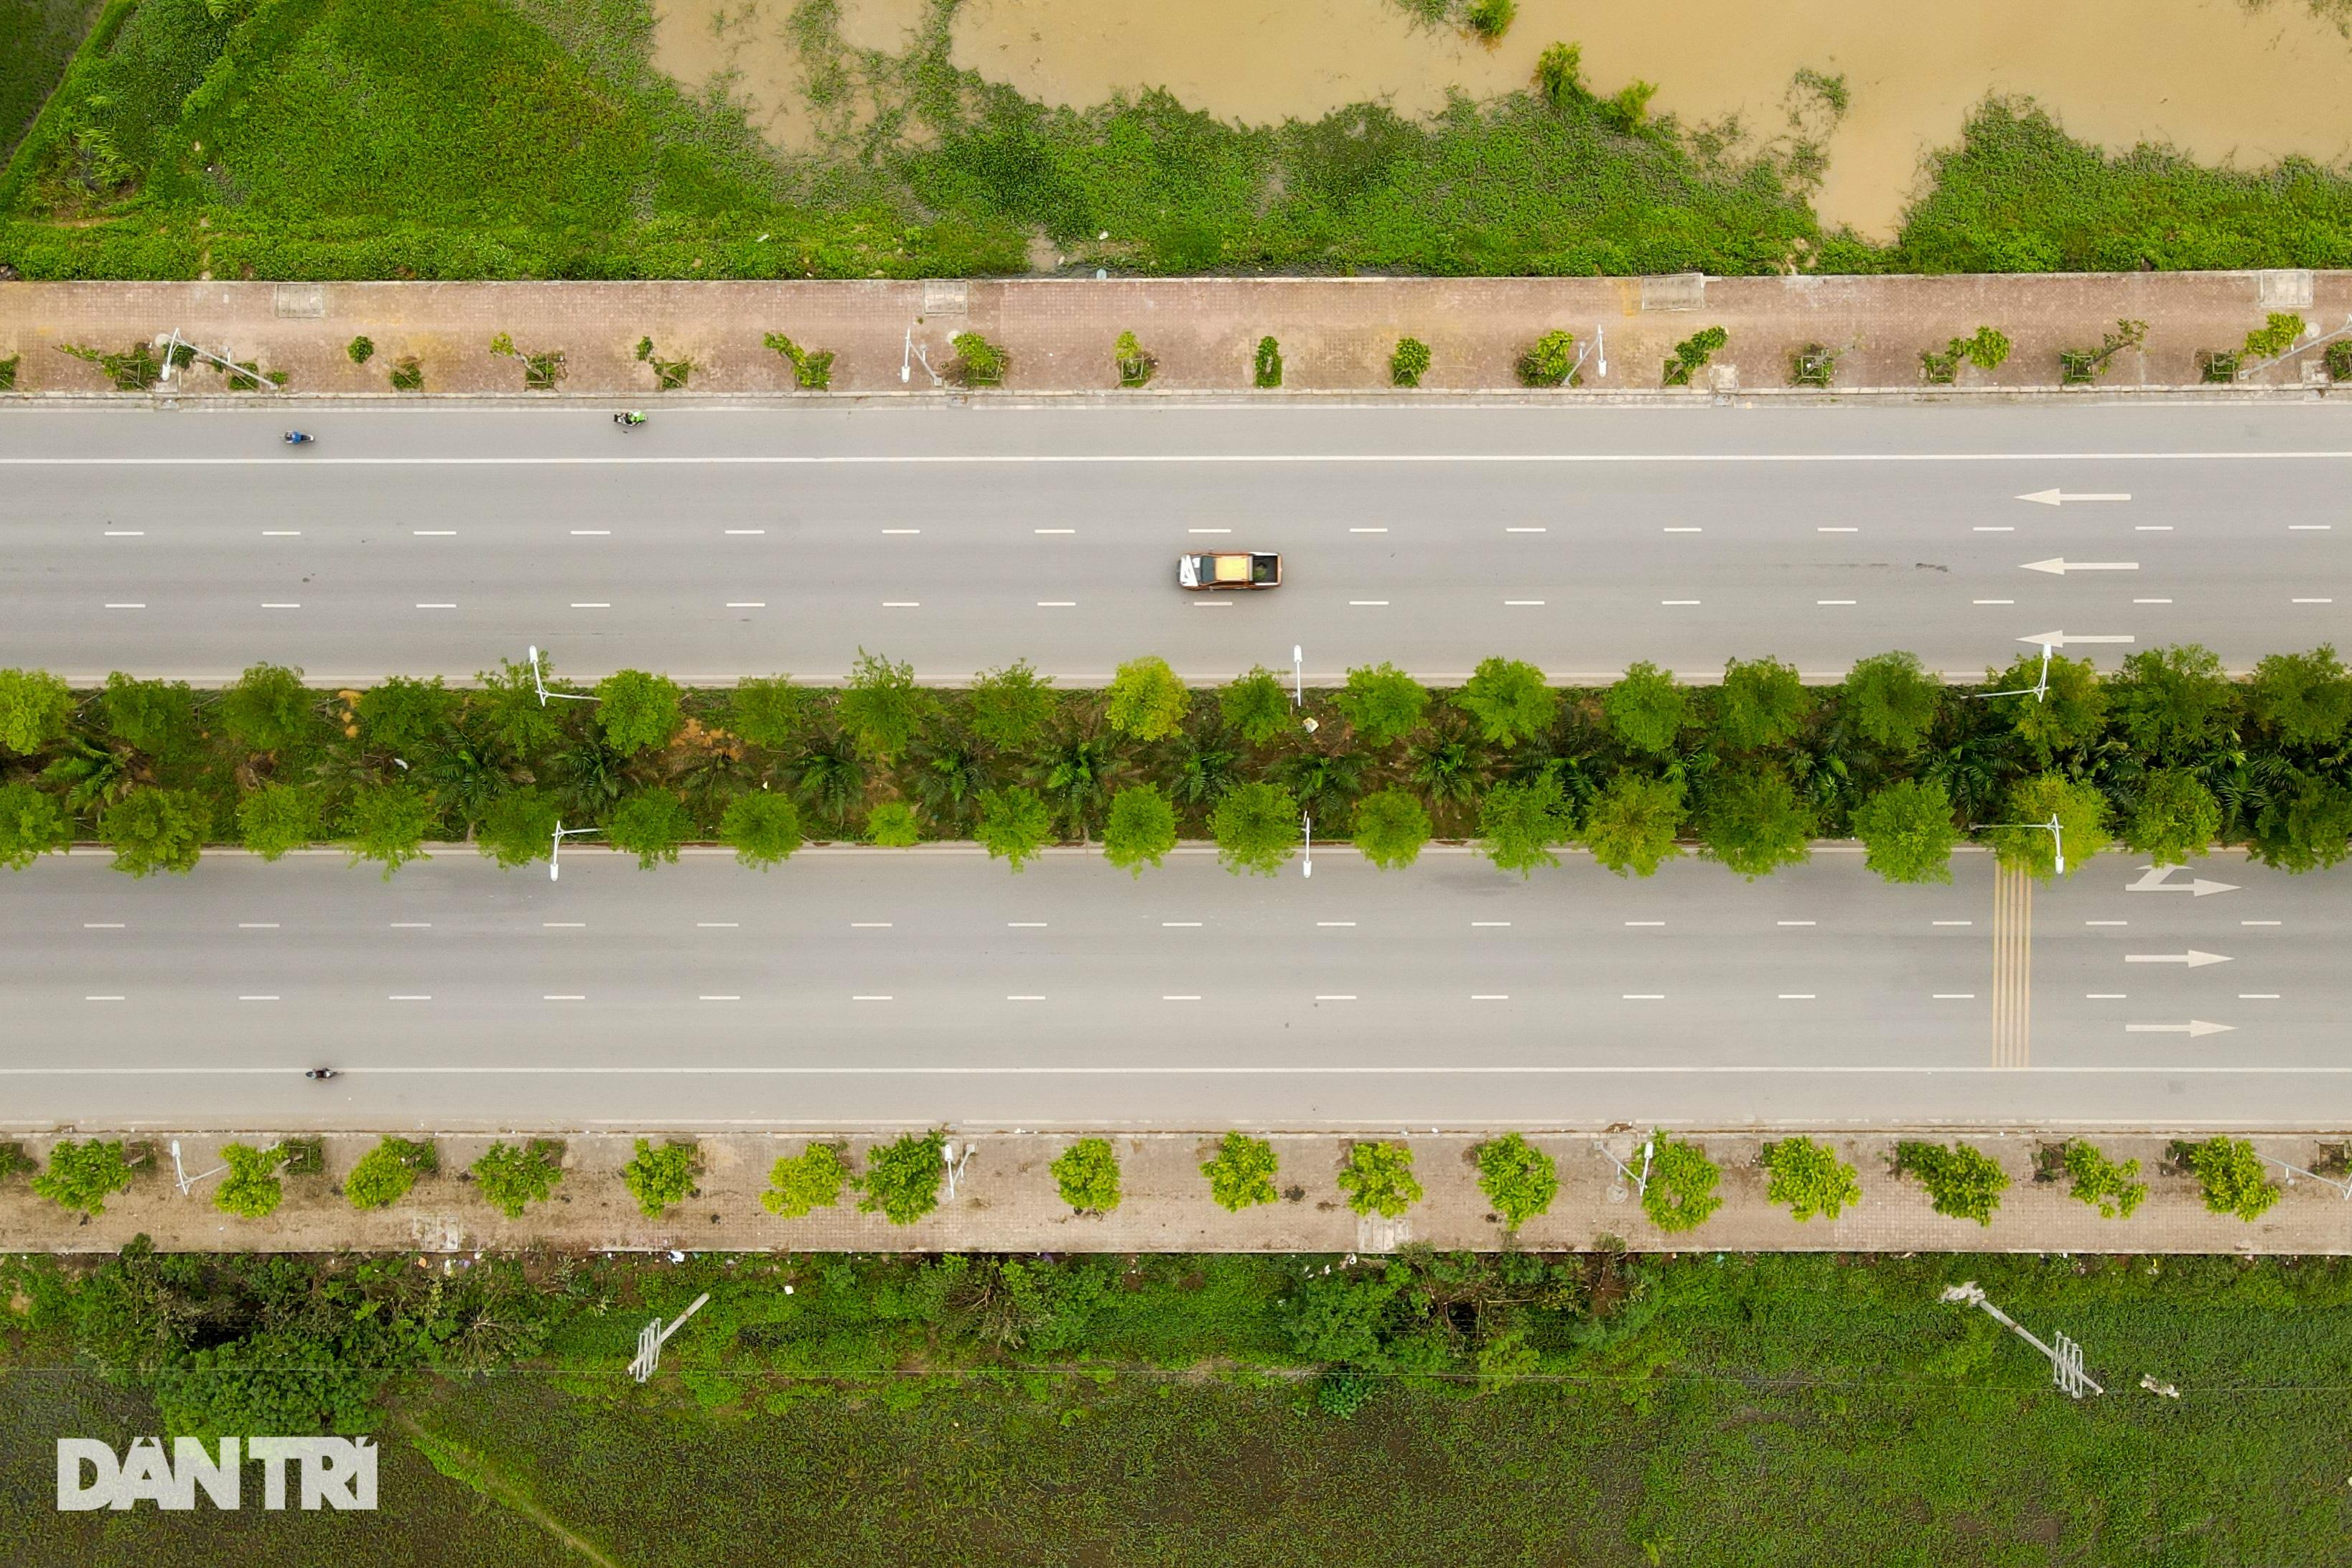 Toàn cảnh tuyến đường hơn 7.500 tỷ đồng kết nối 4 quận, huyện ở Hà Nội - 5